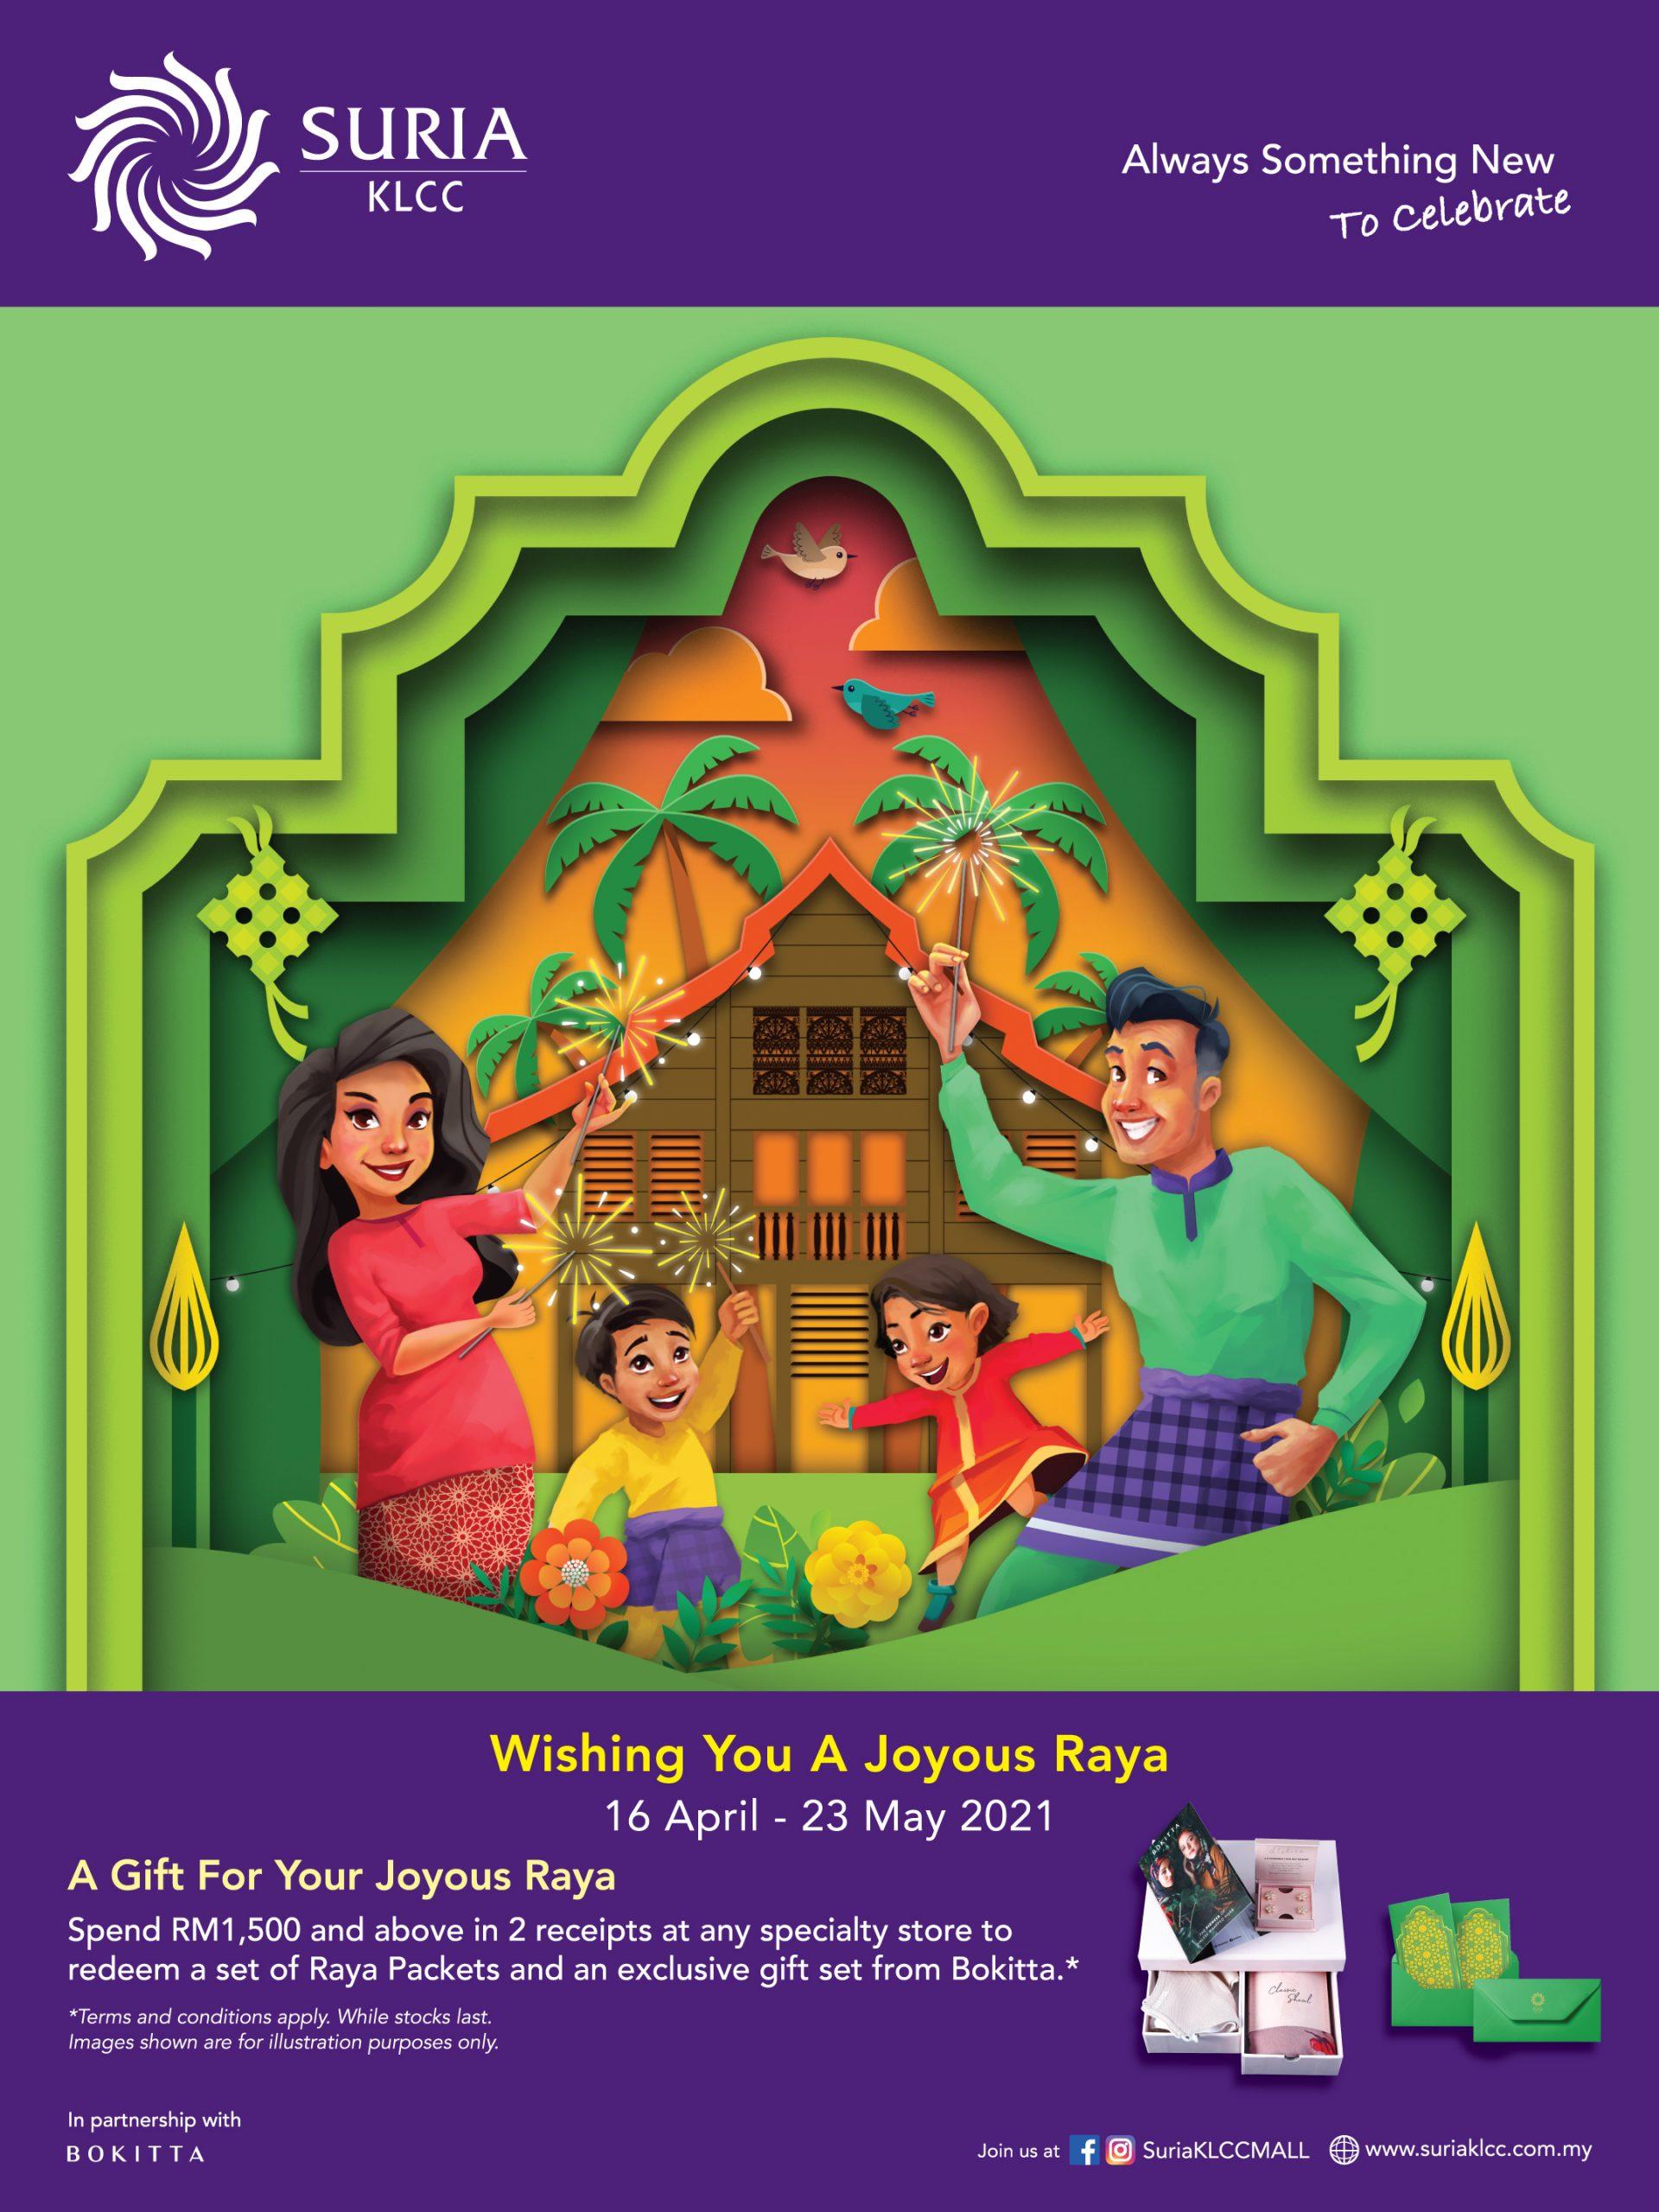 Wishing You A Joyous Raya